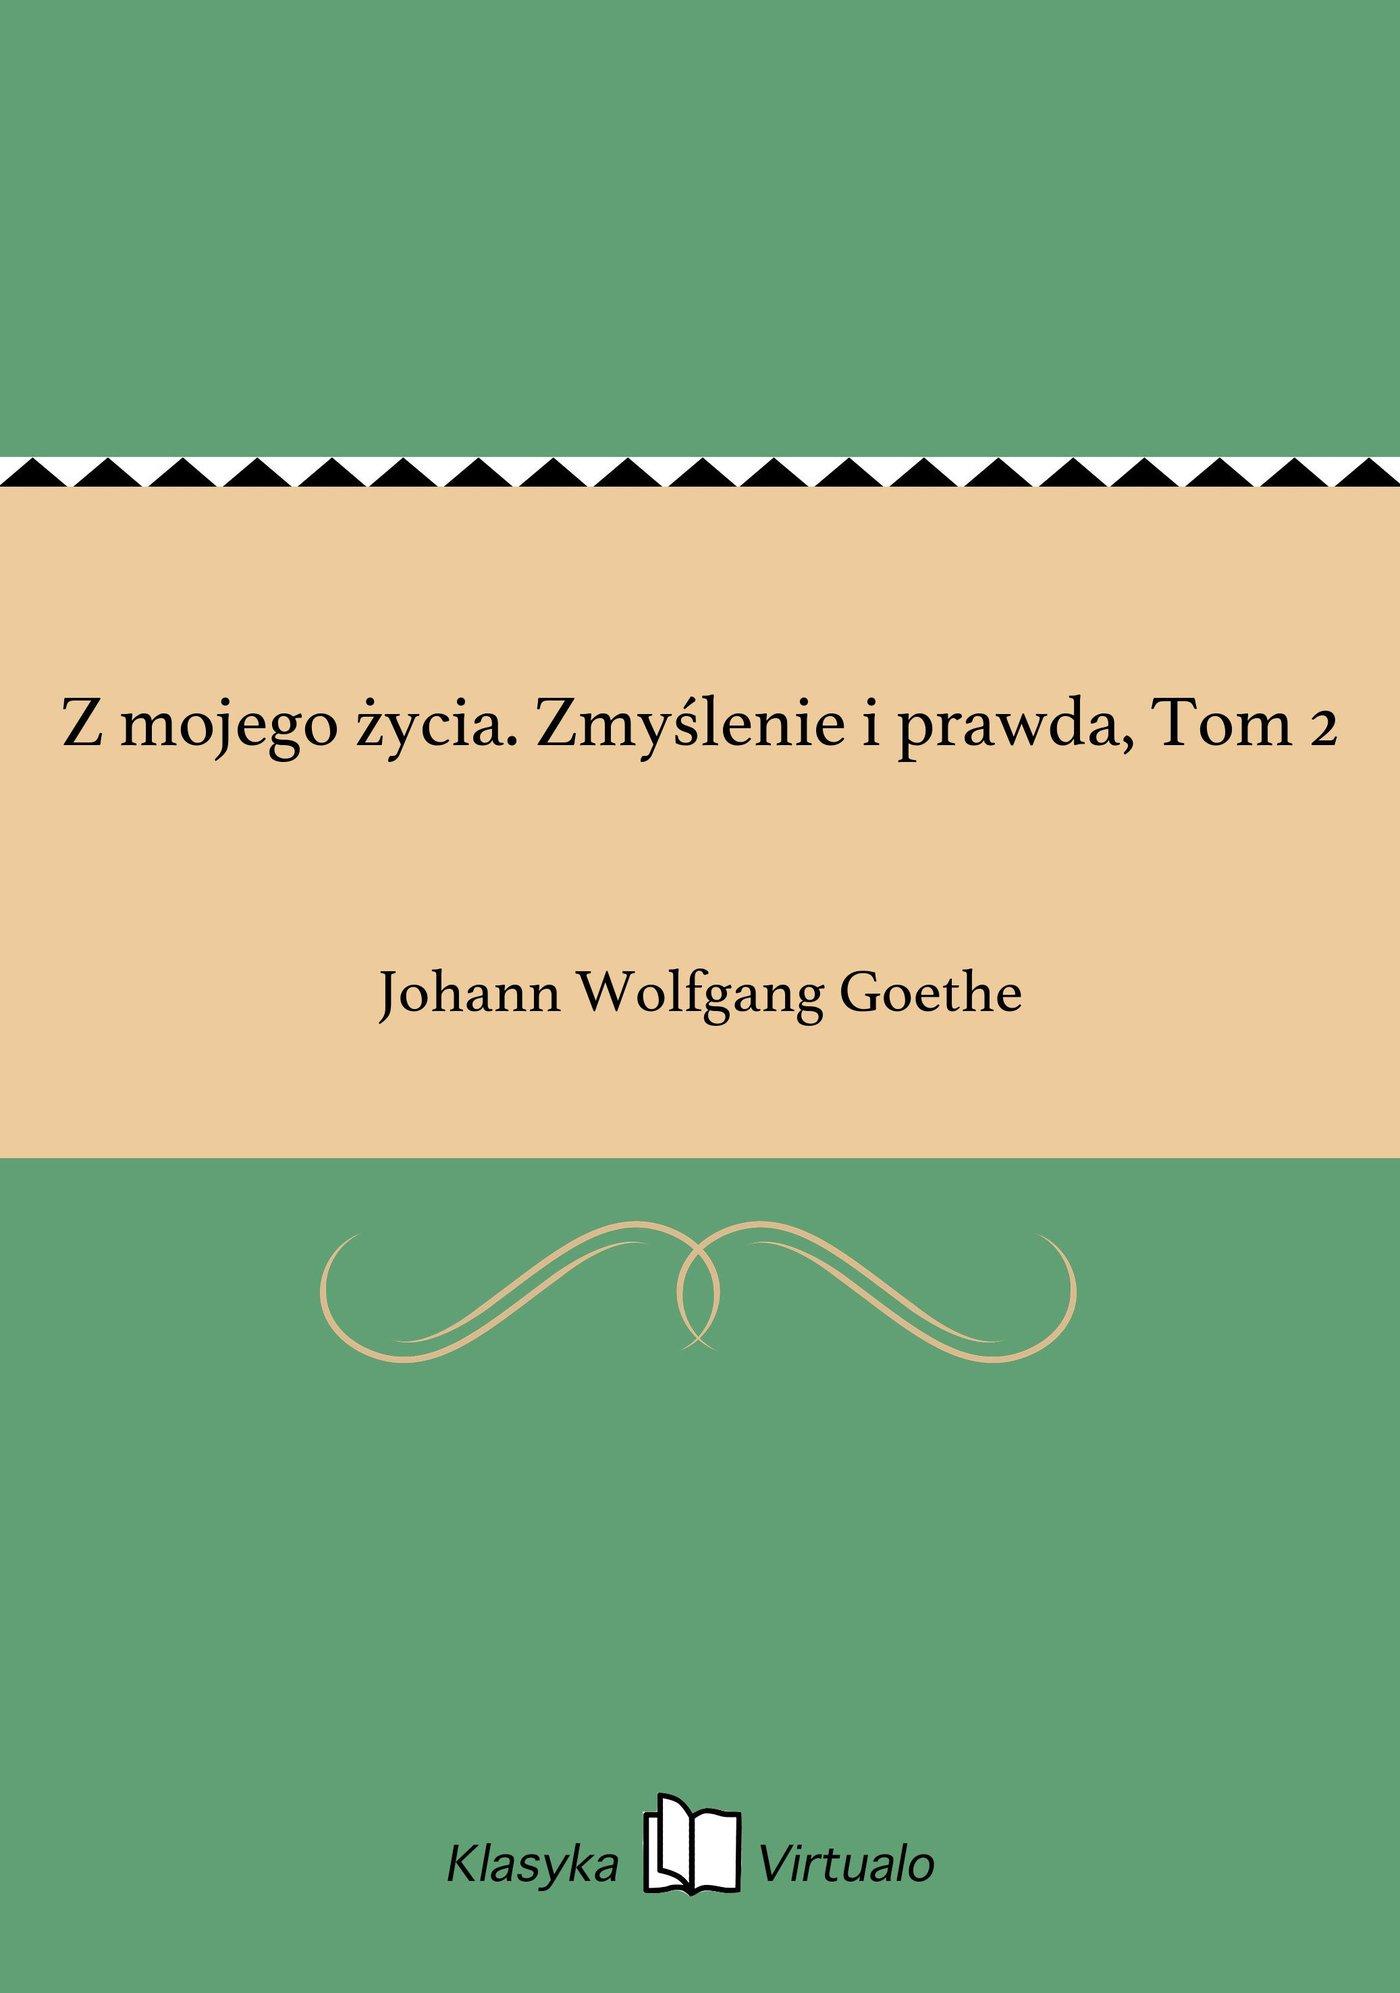 Z mojego życia. Zmyślenie i prawda, Tom 2 - Ebook (Książka EPUB) do pobrania w formacie EPUB